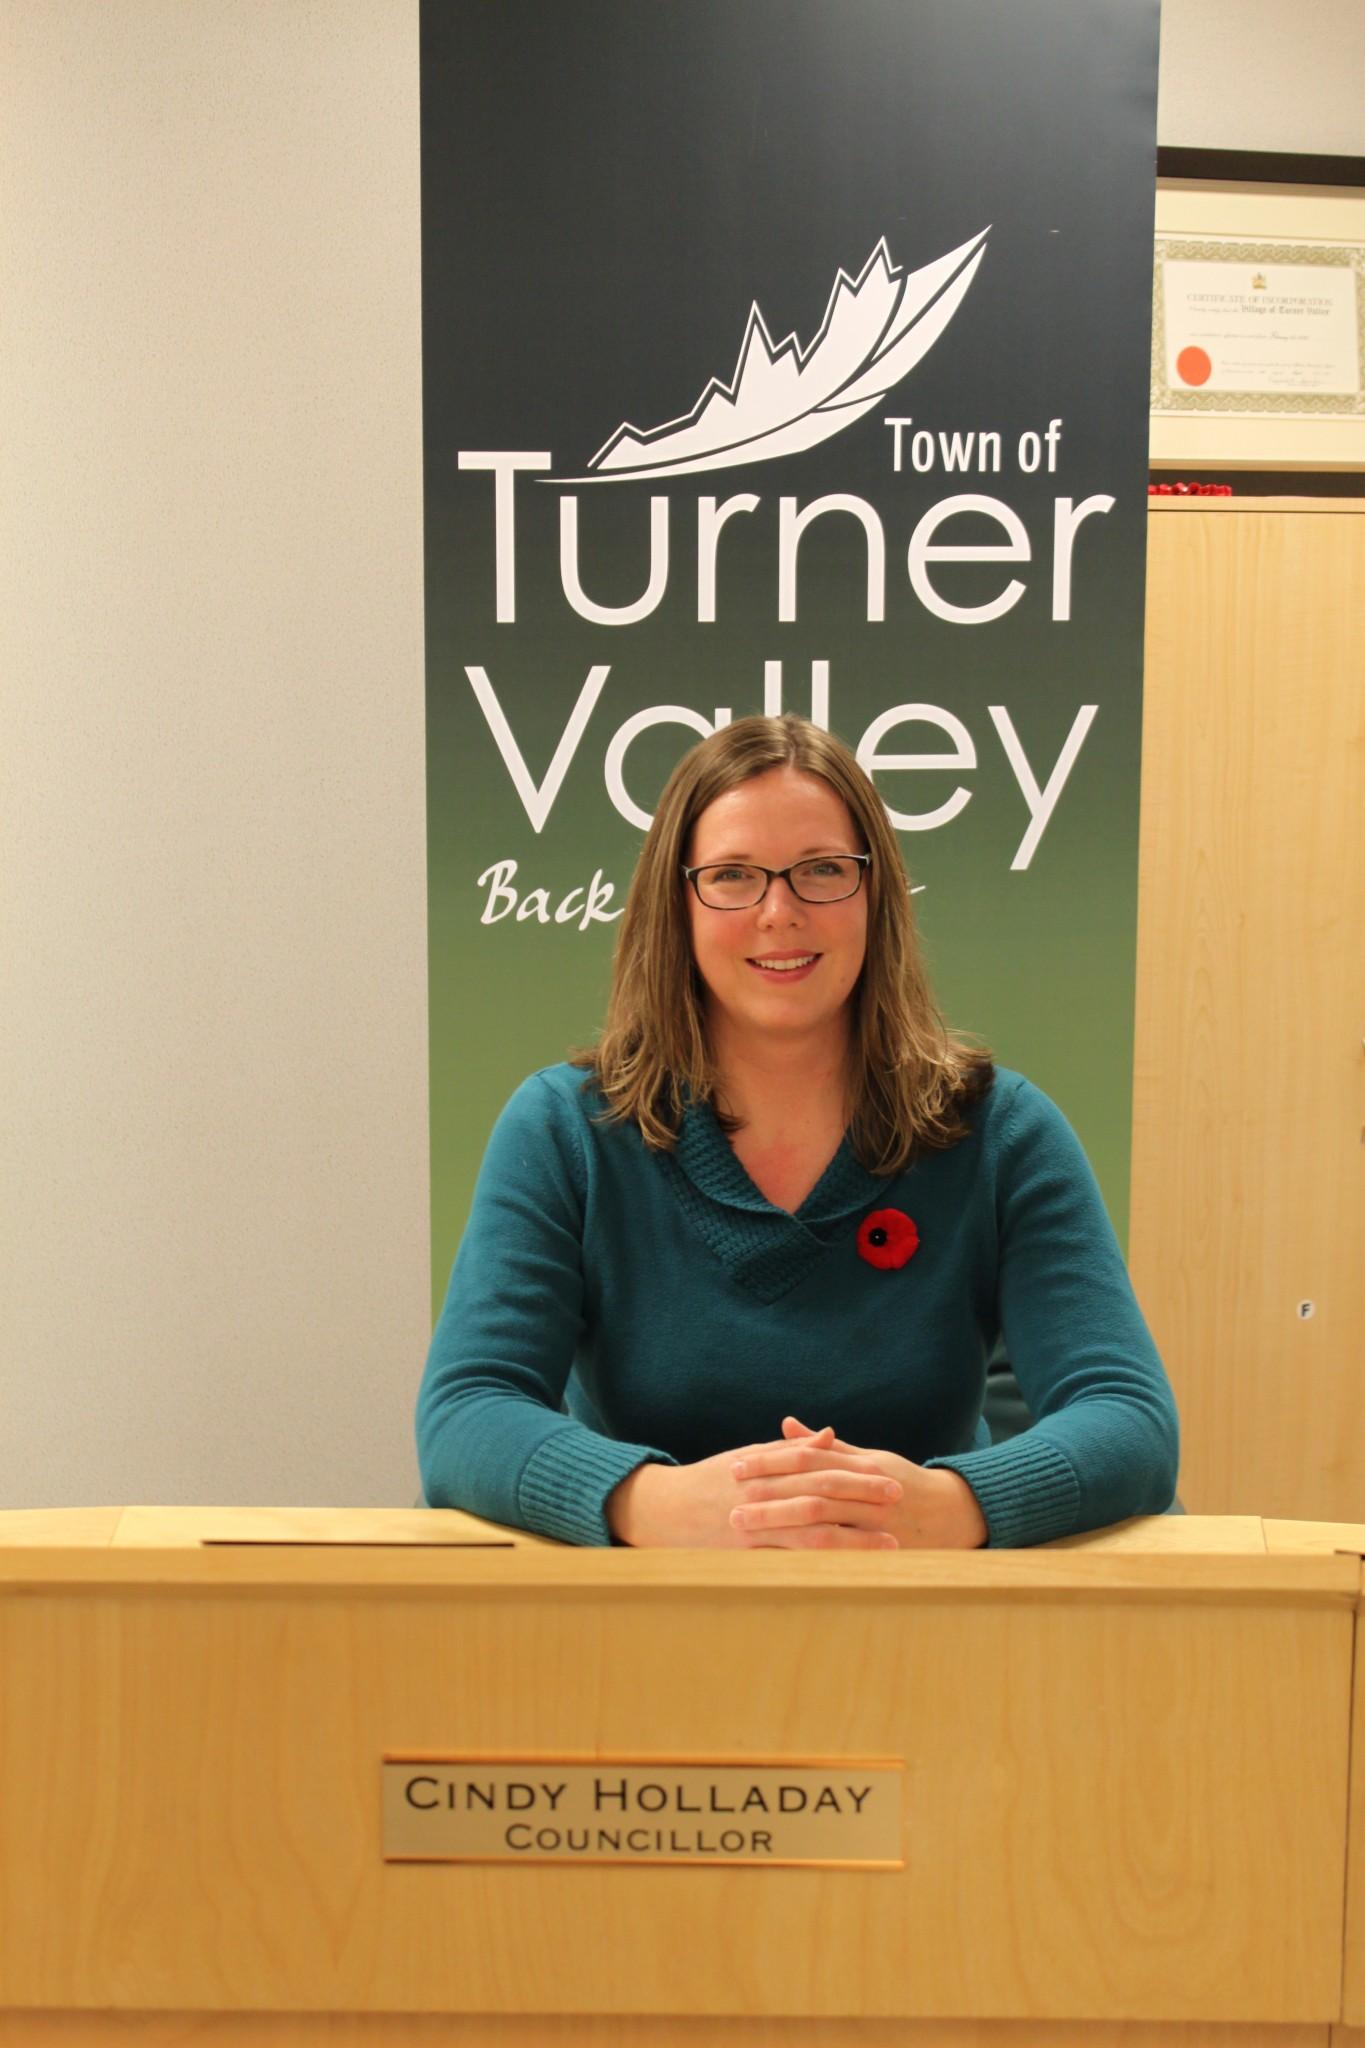 Councillor Cindy Holladay